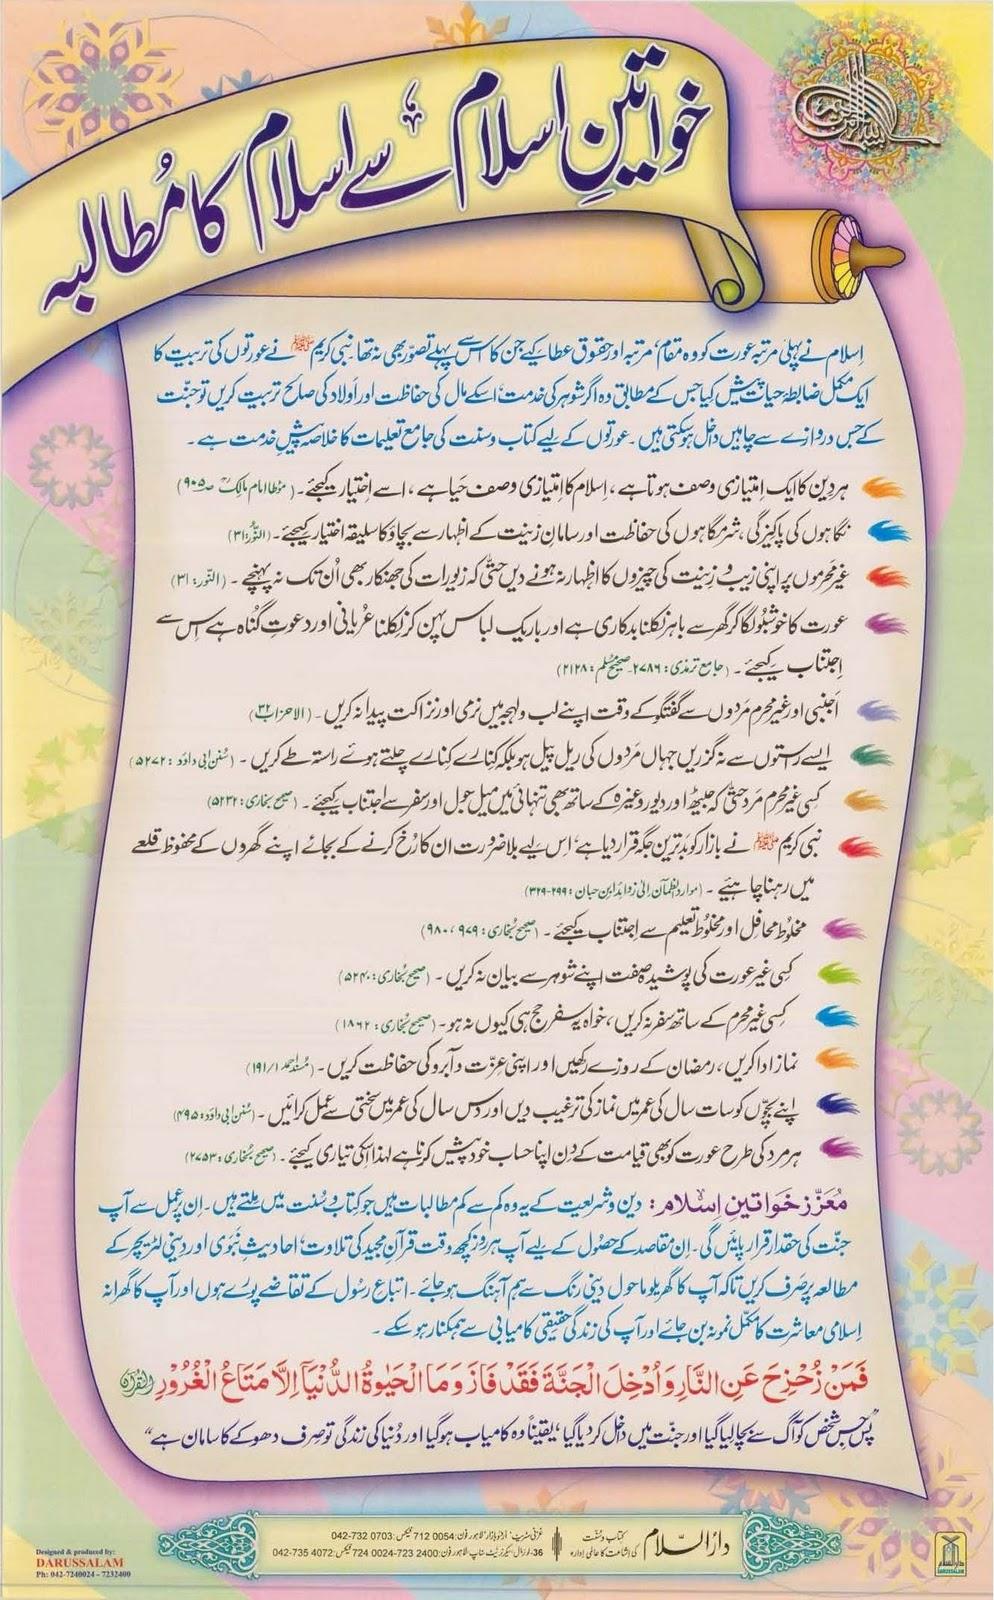 06-KHAWATEEN-E-ISLAM SAY ISLAM KA MUTALBA..jpg